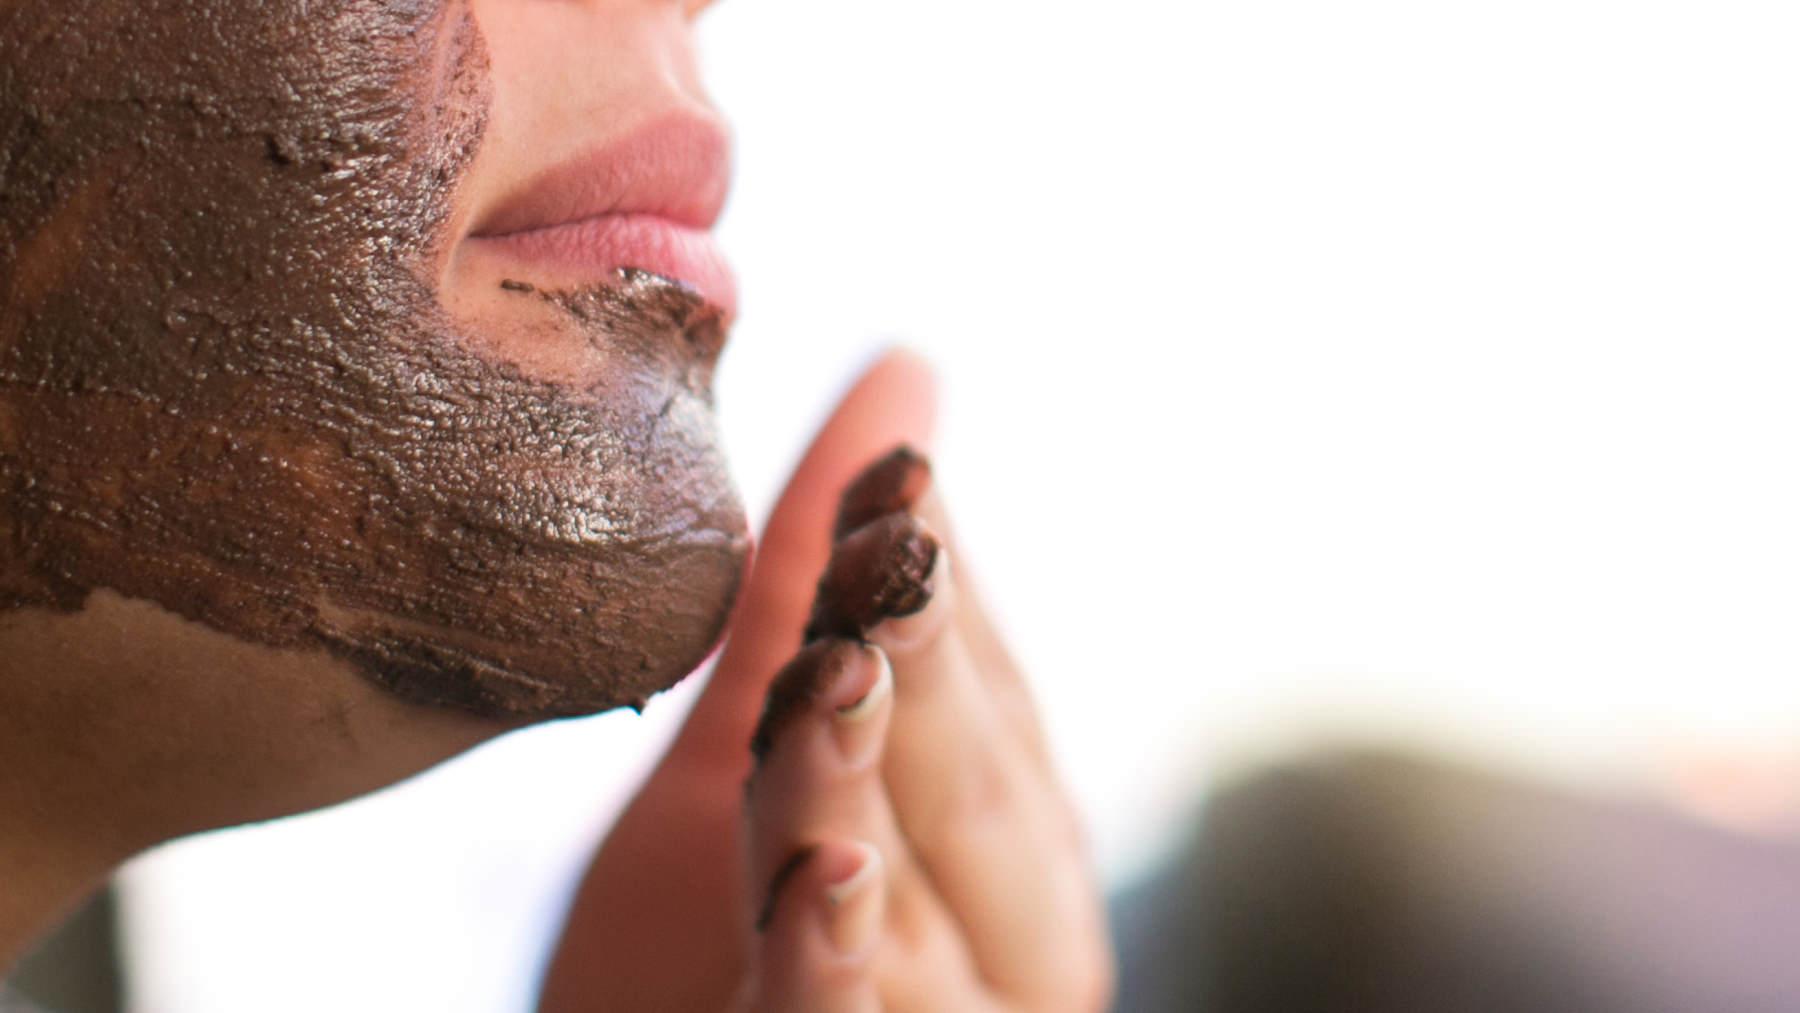 Una ragazza applica sul viso la maschera fresca purificante al cacao Terra Madre